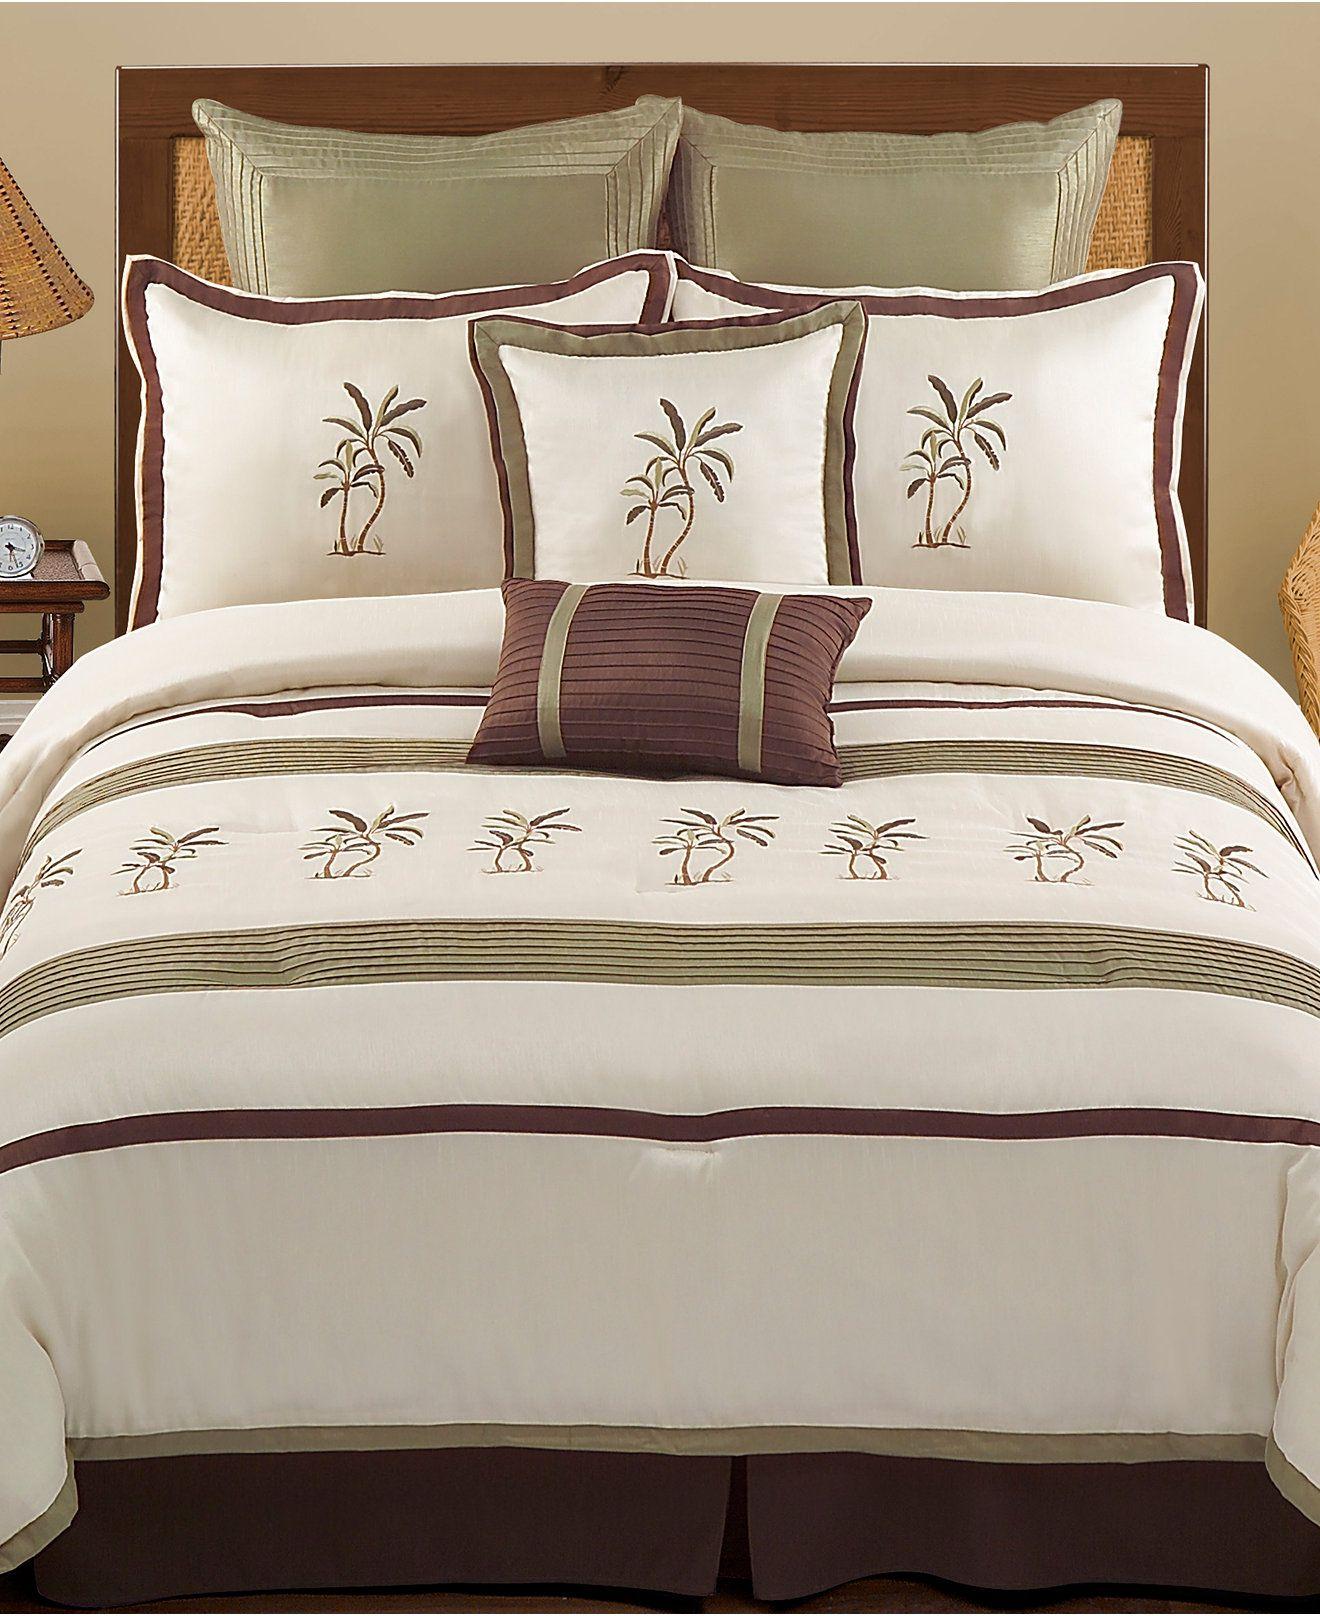 Montego Bay 8 Piece Queen Comforter Set Bed In A Bag